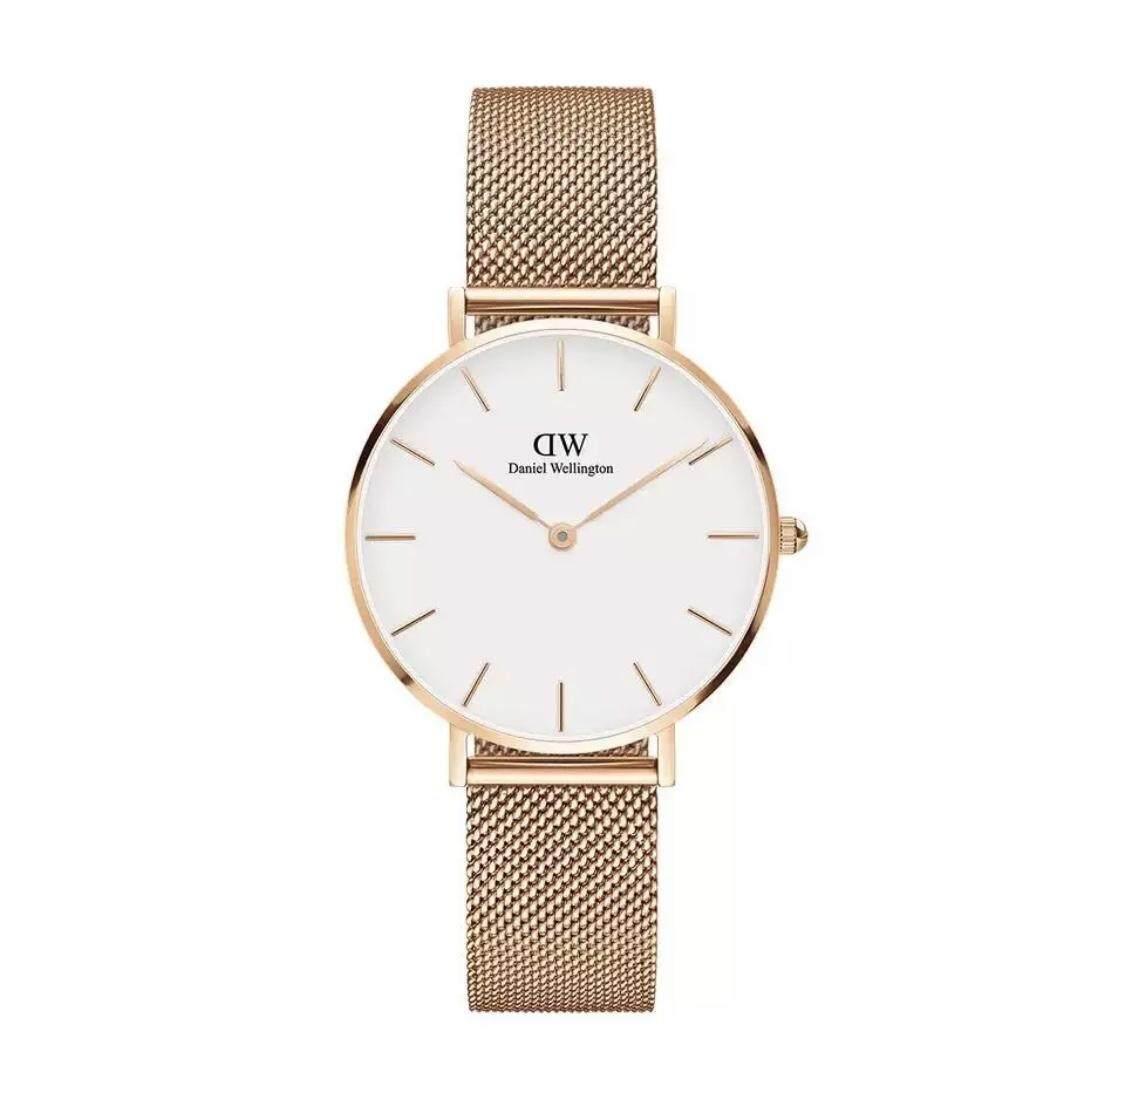 นาฬิกาผู้หญิงDW Classic Petite Melrose White 32mm